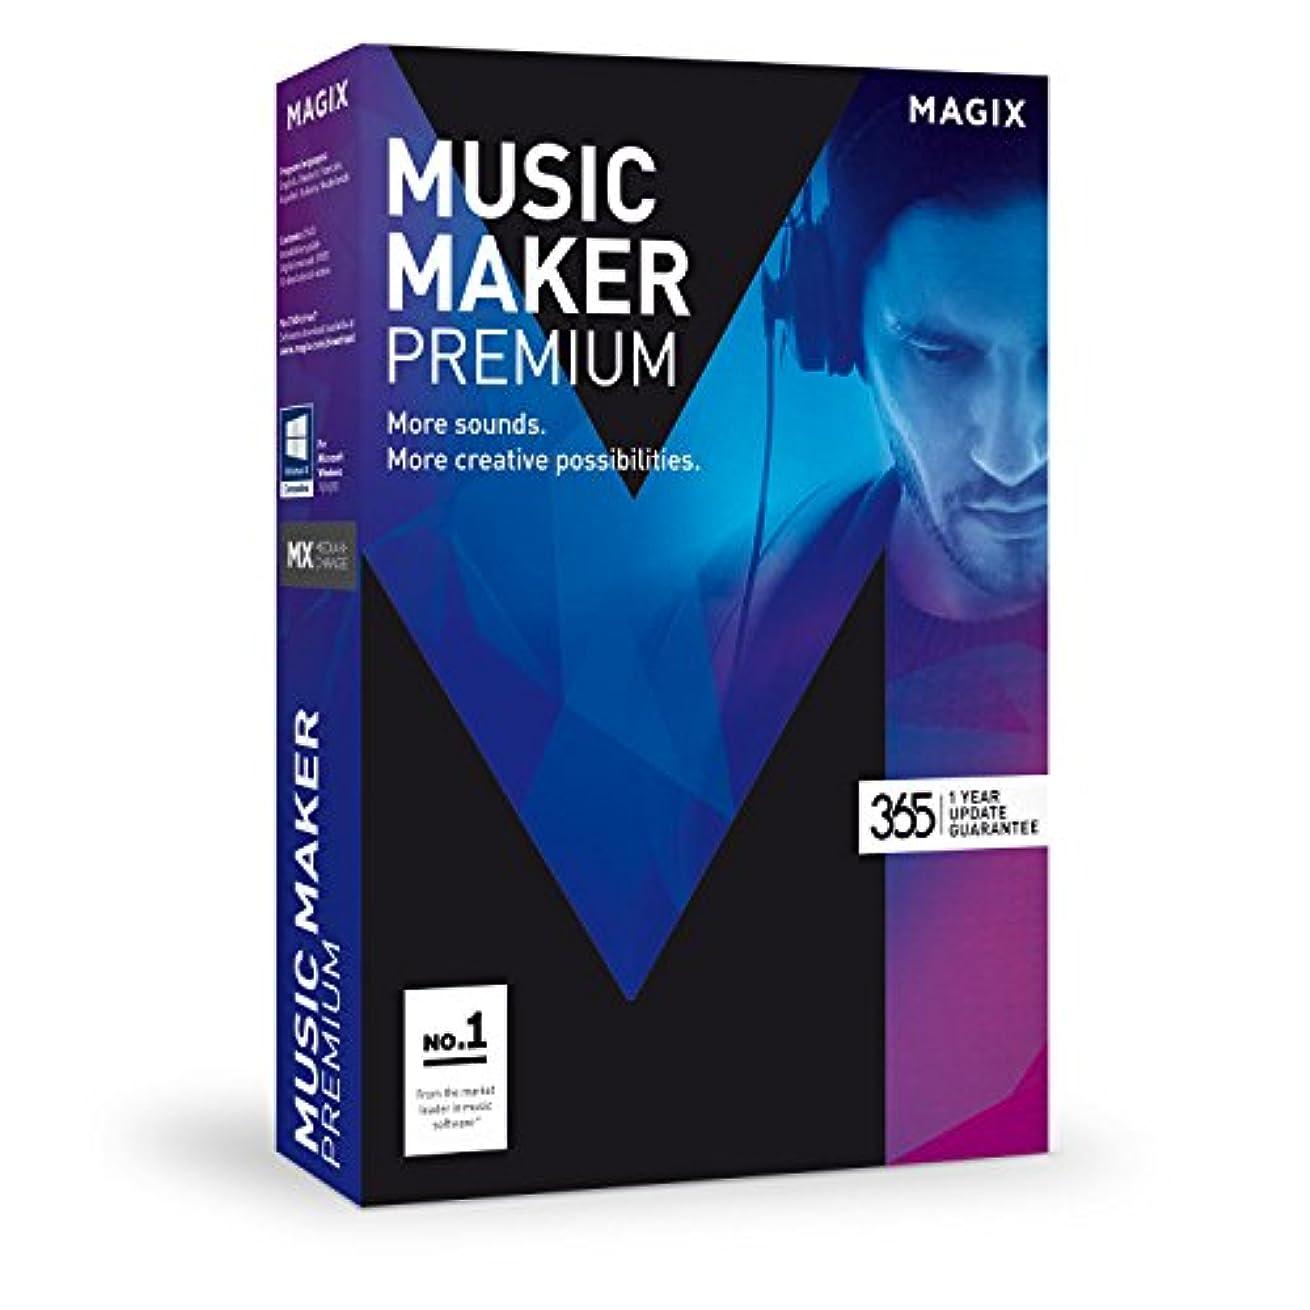 合図撤回する化合物MAGIX Music Maker Premium 2016 [並行輸入品]